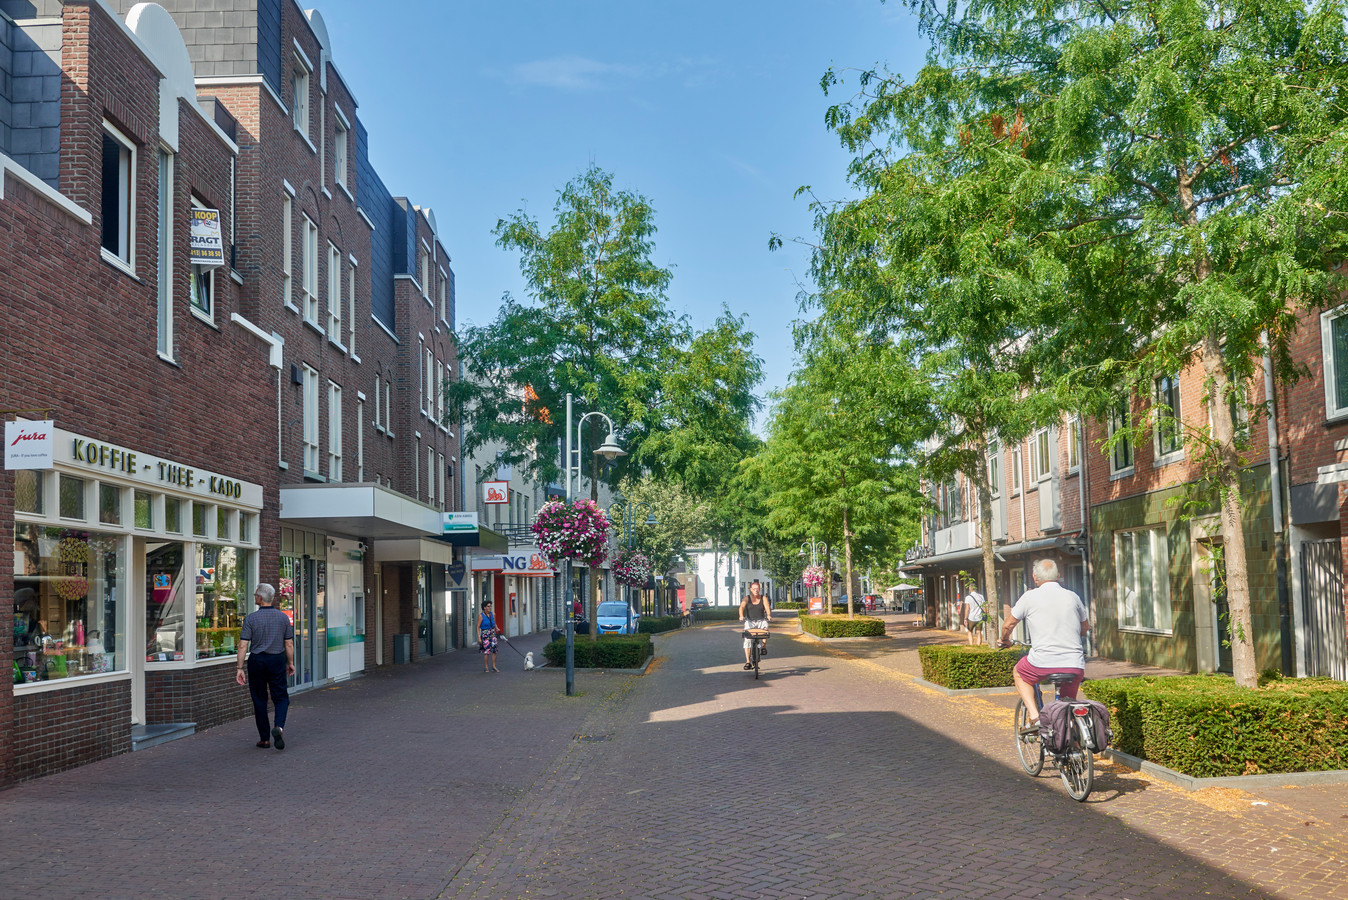 Straten in Veghel Centrum: Hoofdstraat. Fotograaf: Van Assendelft/Jeroen Appels